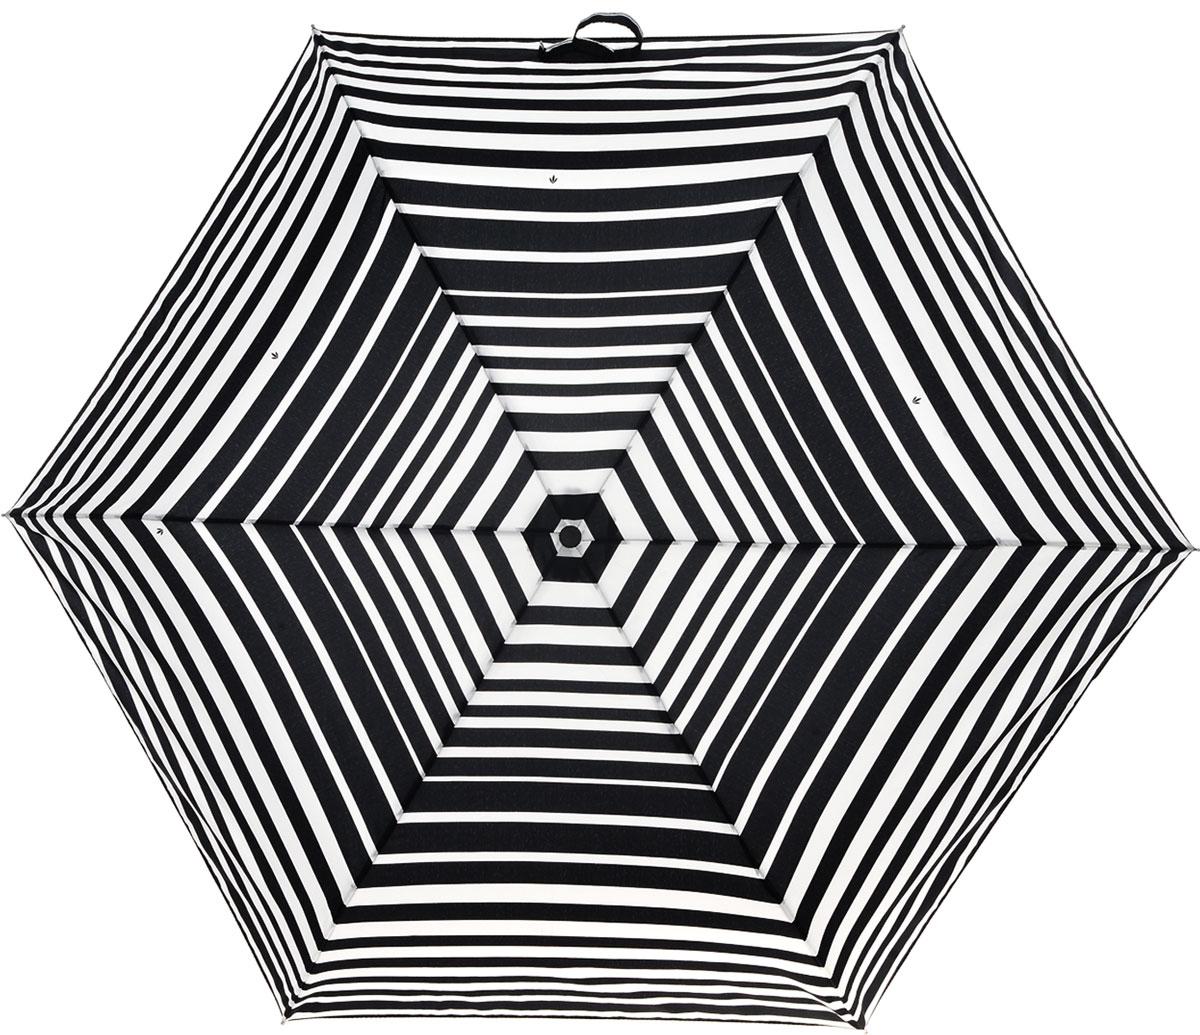 Зонт женский Fulton Superslim, механический, 3 сложения, цвет: черный, белый. L553-3154L553-3154 BoldStripeСтильный механический зонт Fulton Superslim в 3 сложения даже в ненастную погоду позволит вам оставаться элегантной. Облегченный каркас зонта выполнен из 6 спиц из фибергласса и алюминия, стержень также изготовлен из алюминия, удобная круглая рукоятка - из пластика. Купол зонта выполнен из прочного полиэстера и оформлен принтом в полоску. В закрытом виде застегивается хлястиком на липучку. Зонт механического сложения: купол открывается и закрывается вручную до характерного щелчка. На рукоятке для удобства есть небольшой шнурок, позволяющий при необходимости надеть зонт на руку. К зонту прилагается чехол, который дополнительно застегивается на липучку. Такой зонт компактно располагается в глубоком кармане, сумочке, дверке автомобиля.